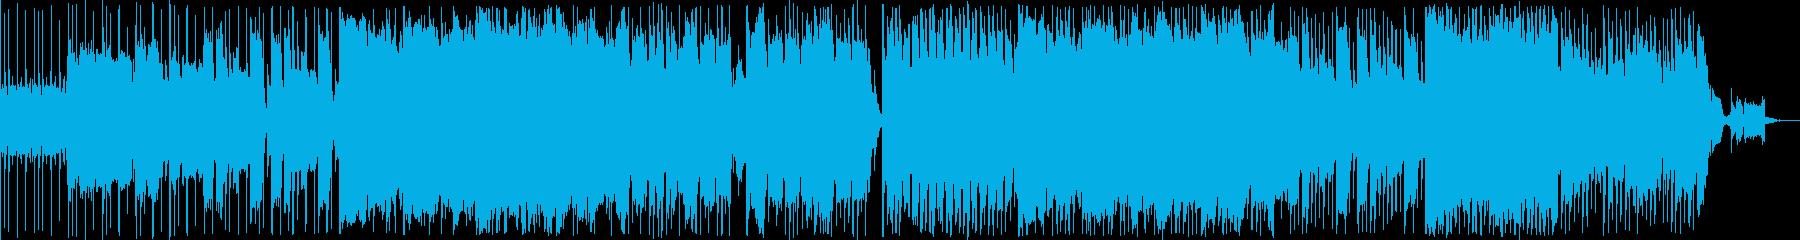 レッチリ風のロックなエレキギター楽曲の再生済みの波形